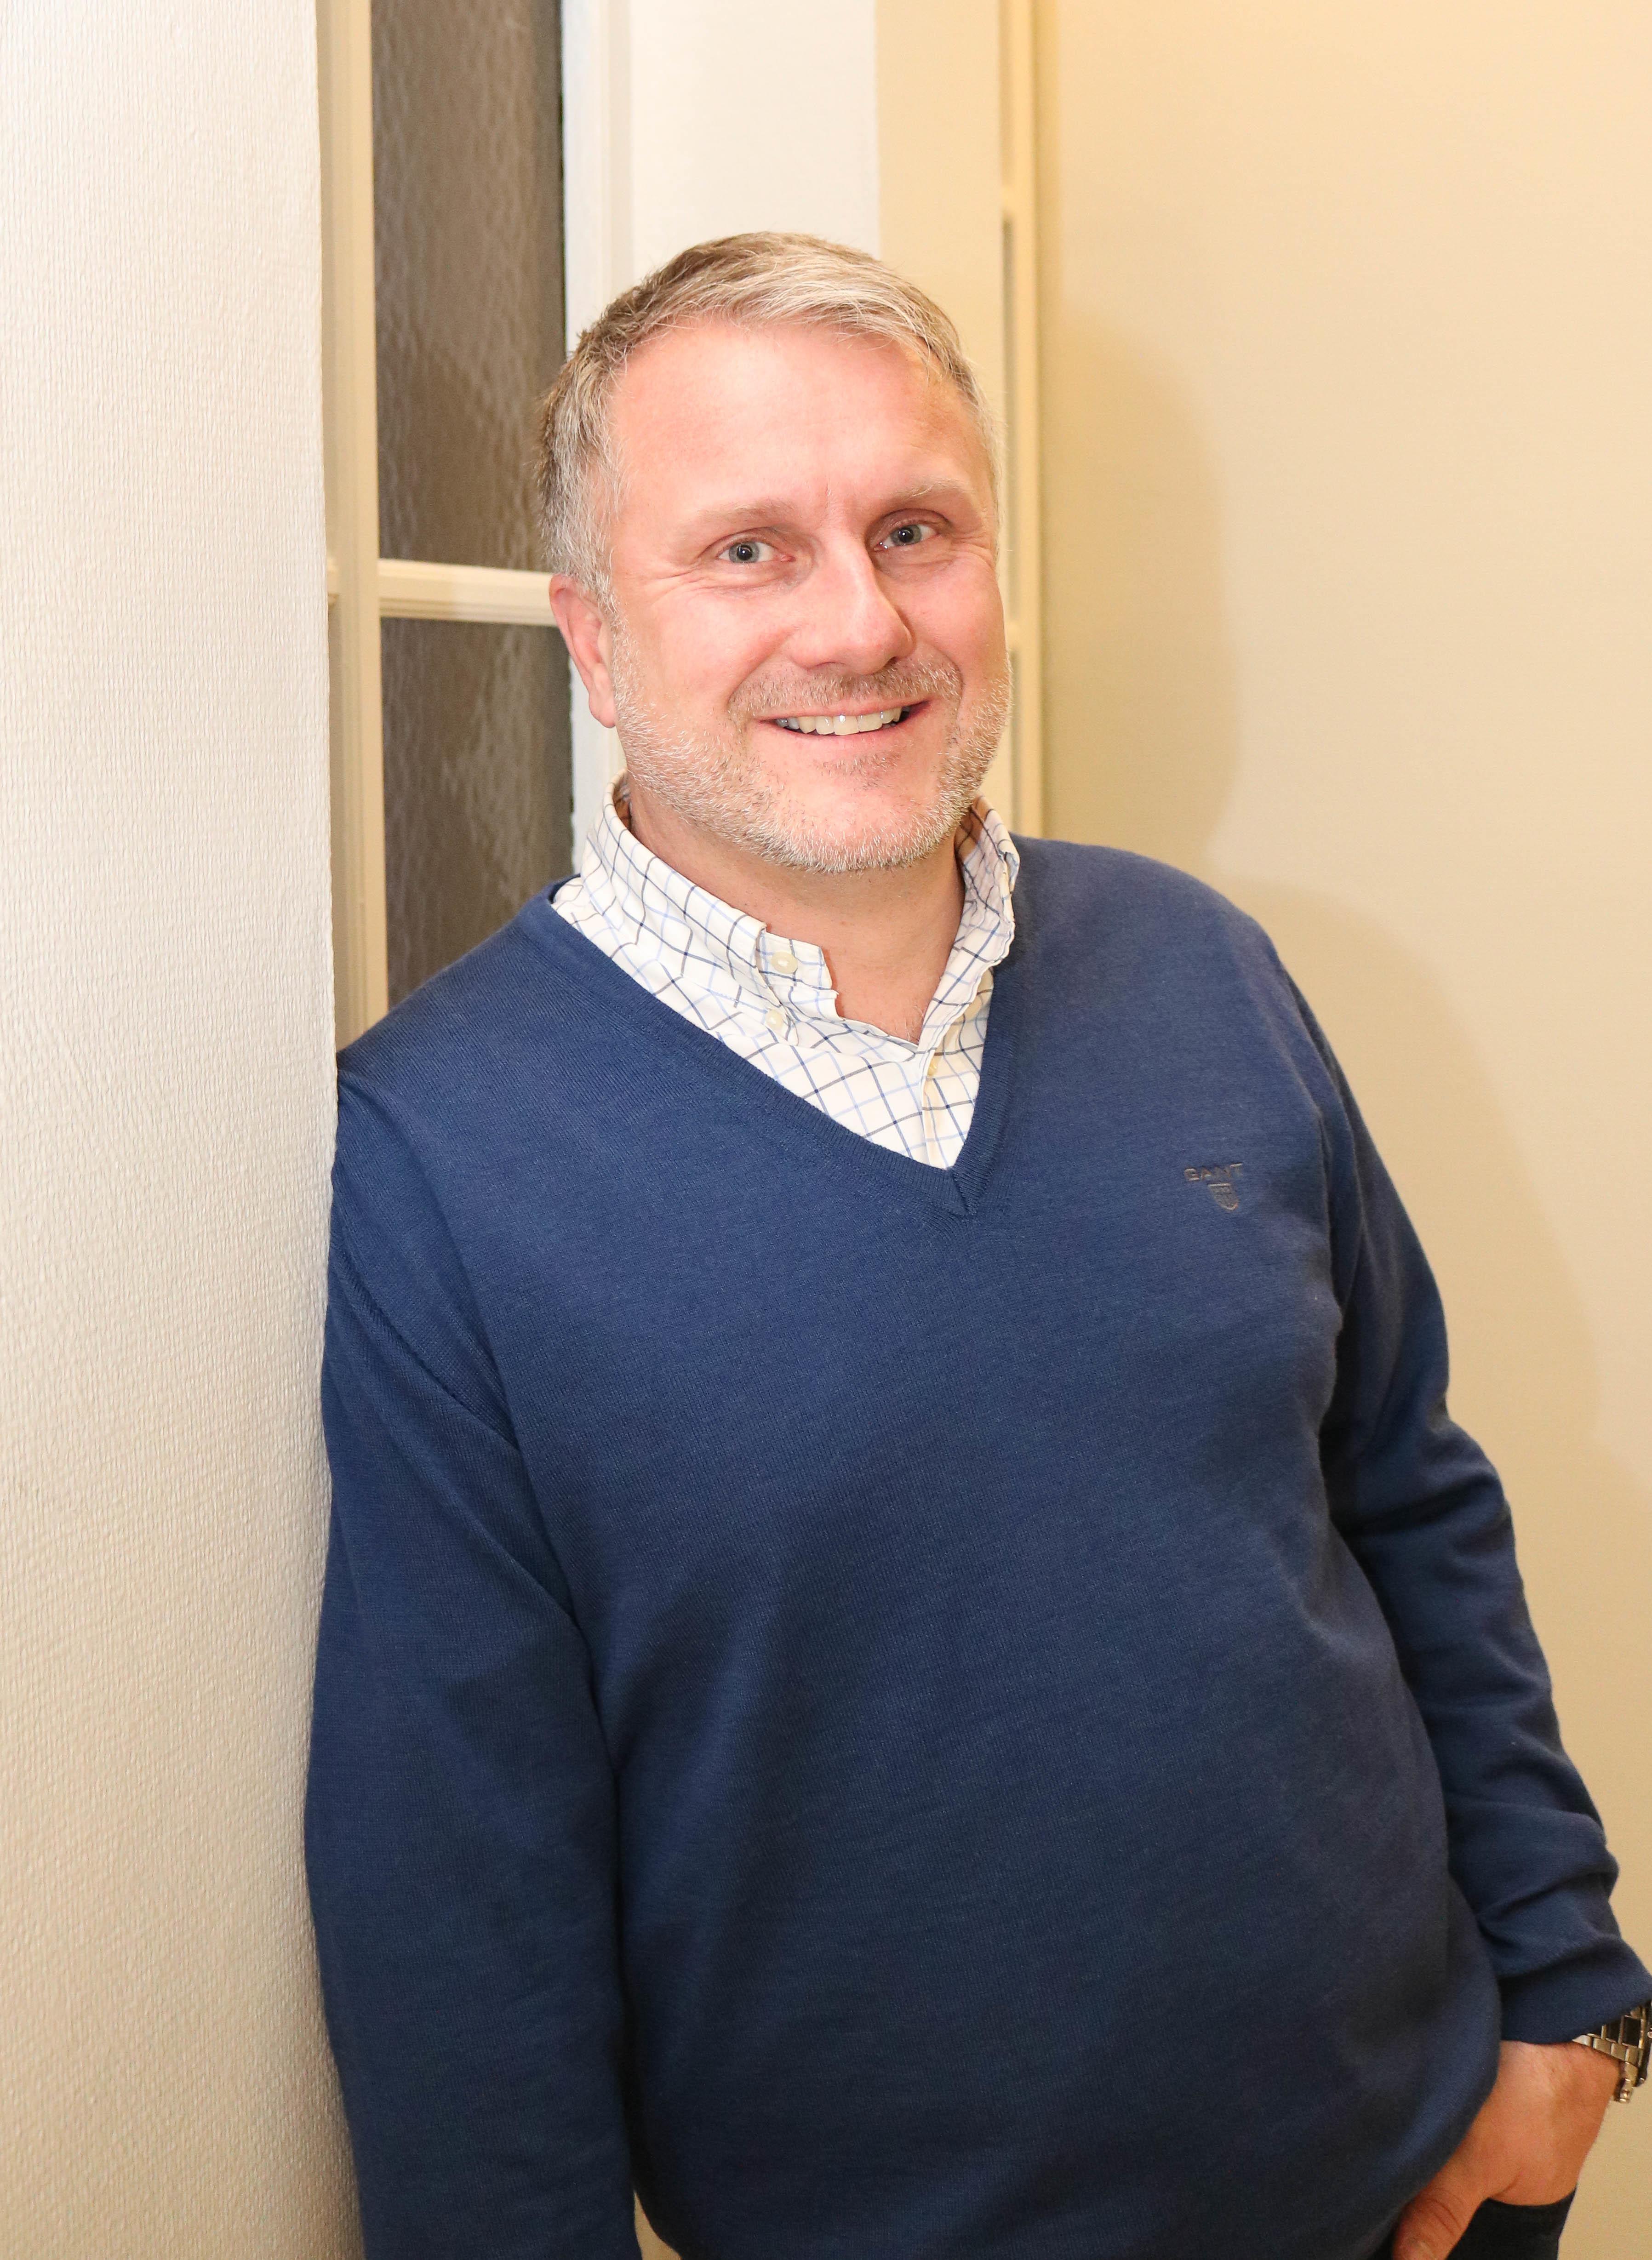 Smilende mann i blå genser lener seg mot en hvit vinduskarm.